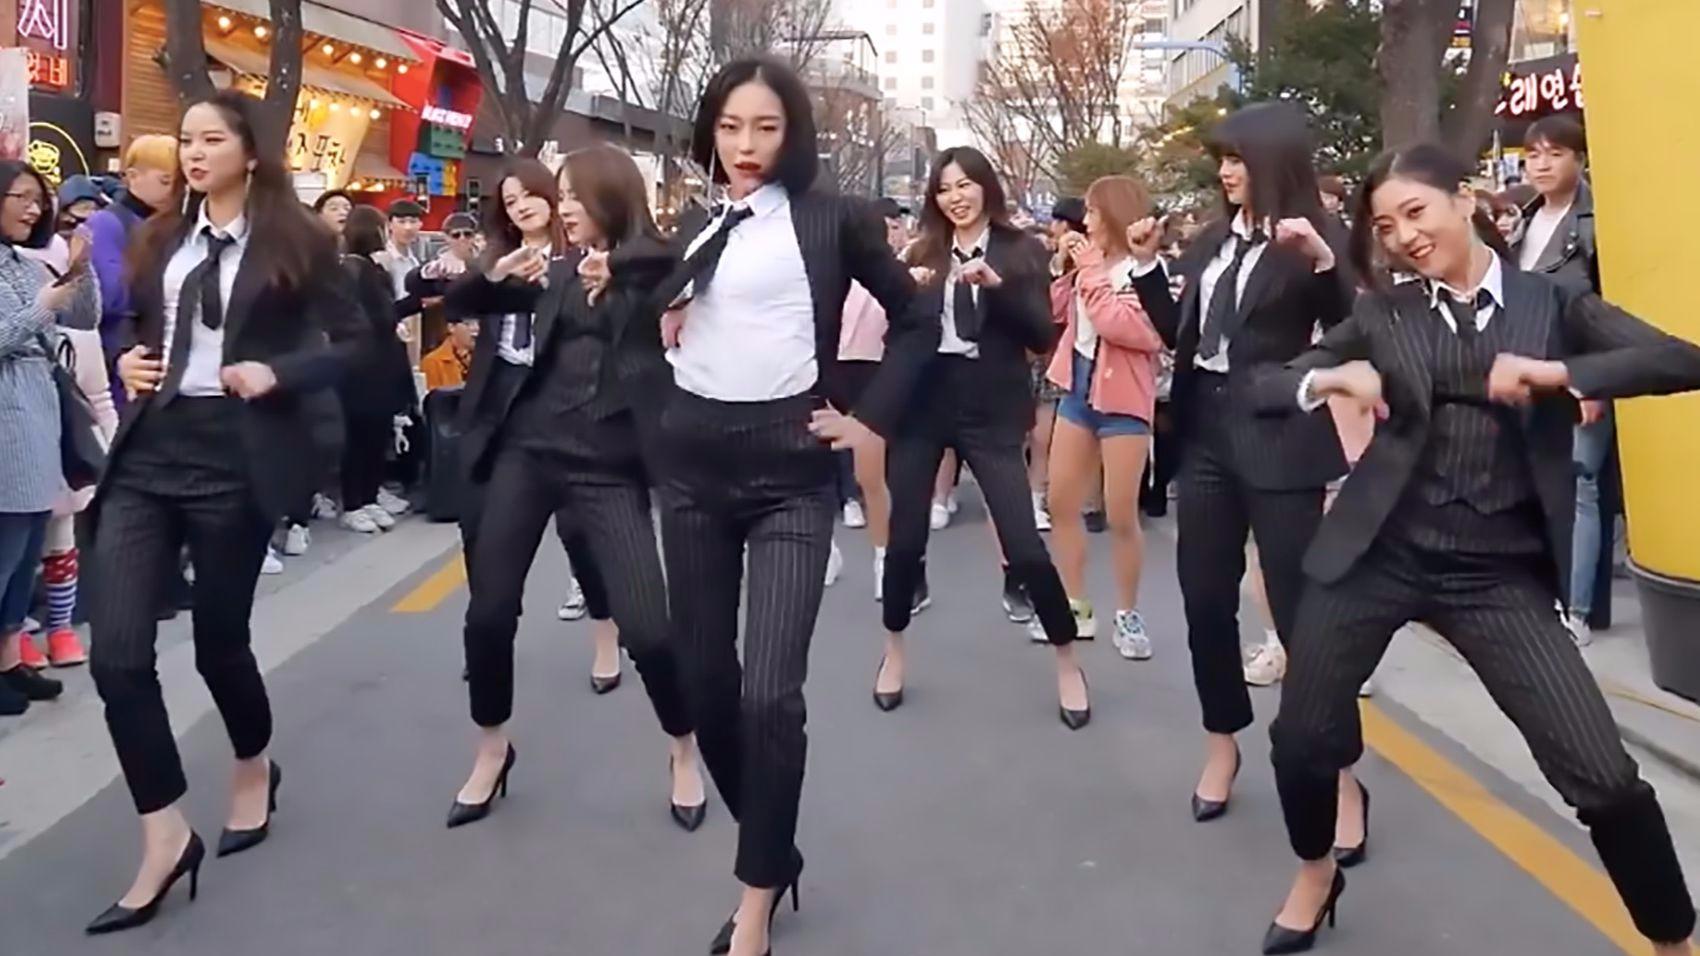 一不小心就把原唱引出来了,下次再也不敢在公共场合跳舞了!